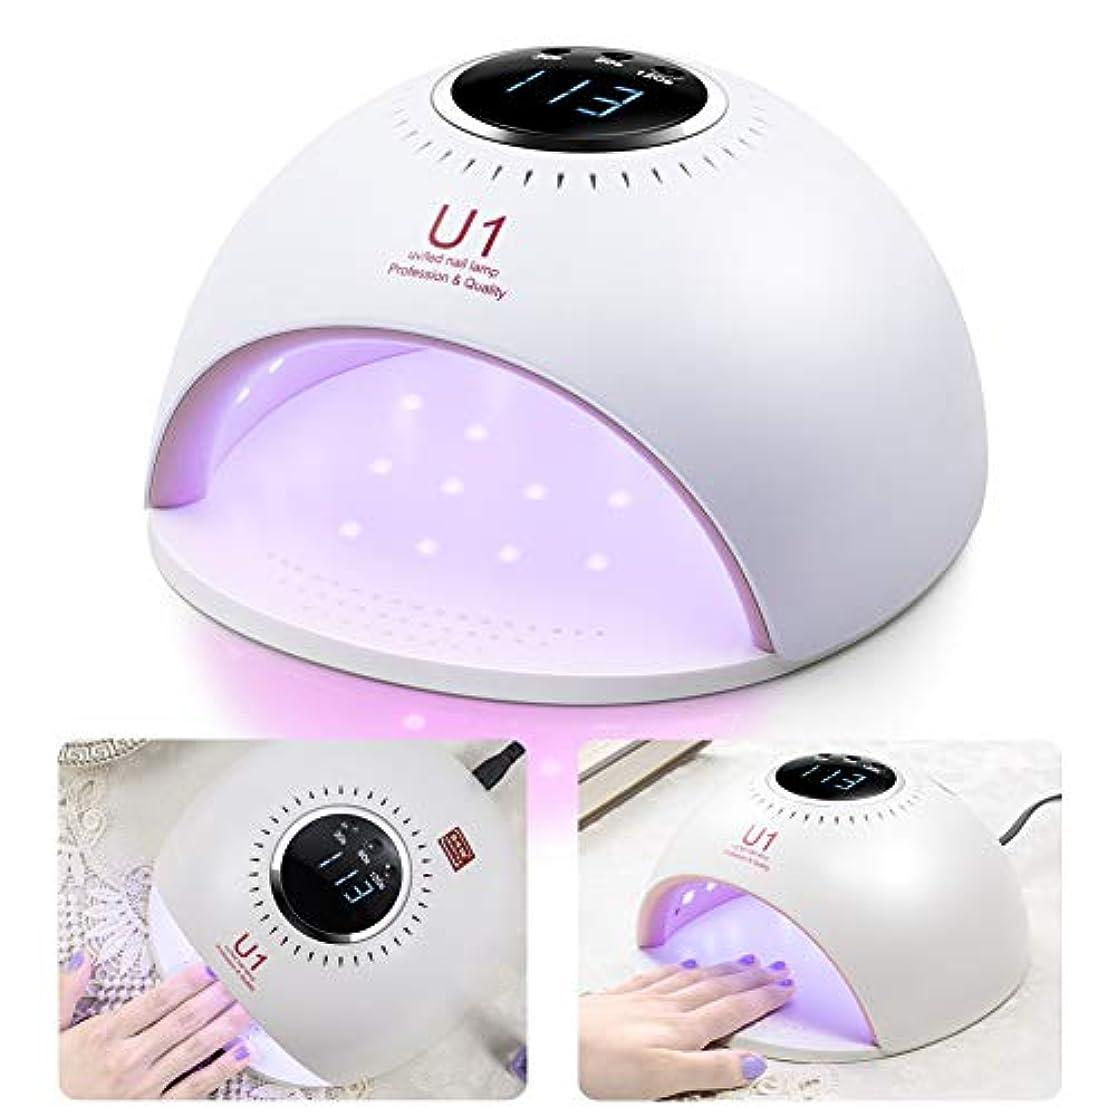 セント麻痺叫ぶ84W UV LEDネイルドライヤーランプ, 時間設定、センサー、時間表示付き, すべてのUV硬化ゲルポリッシュを高速硬化